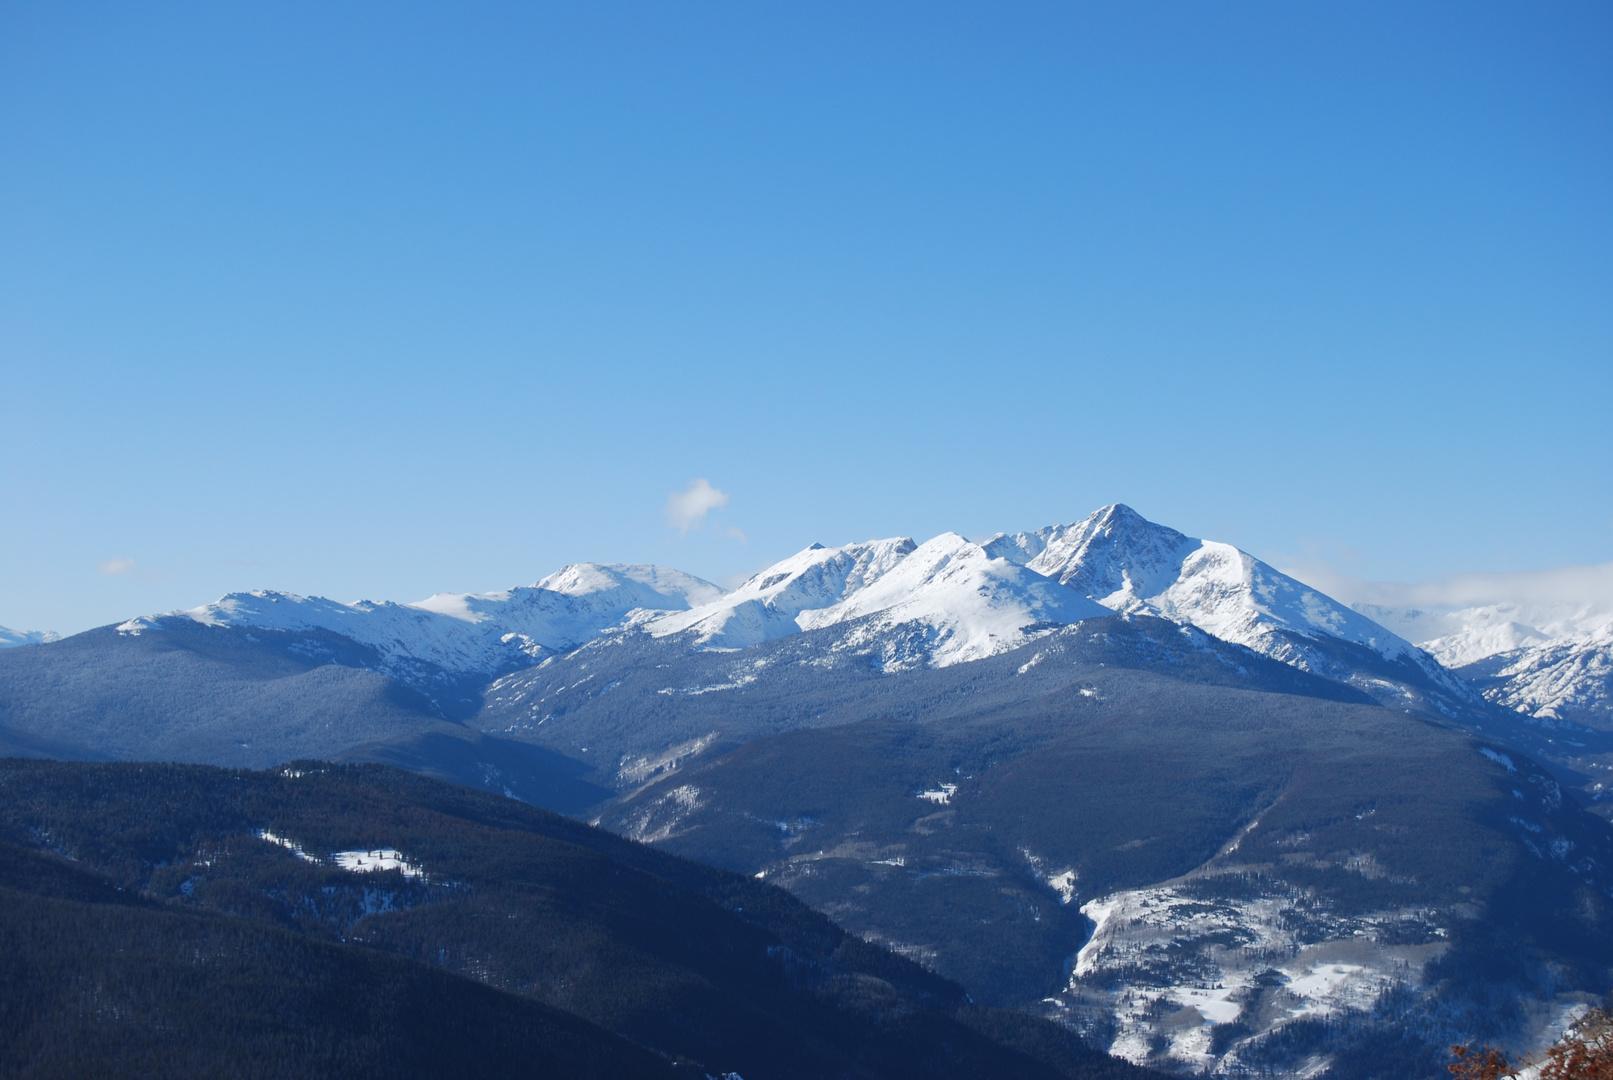 Die höheren Berge